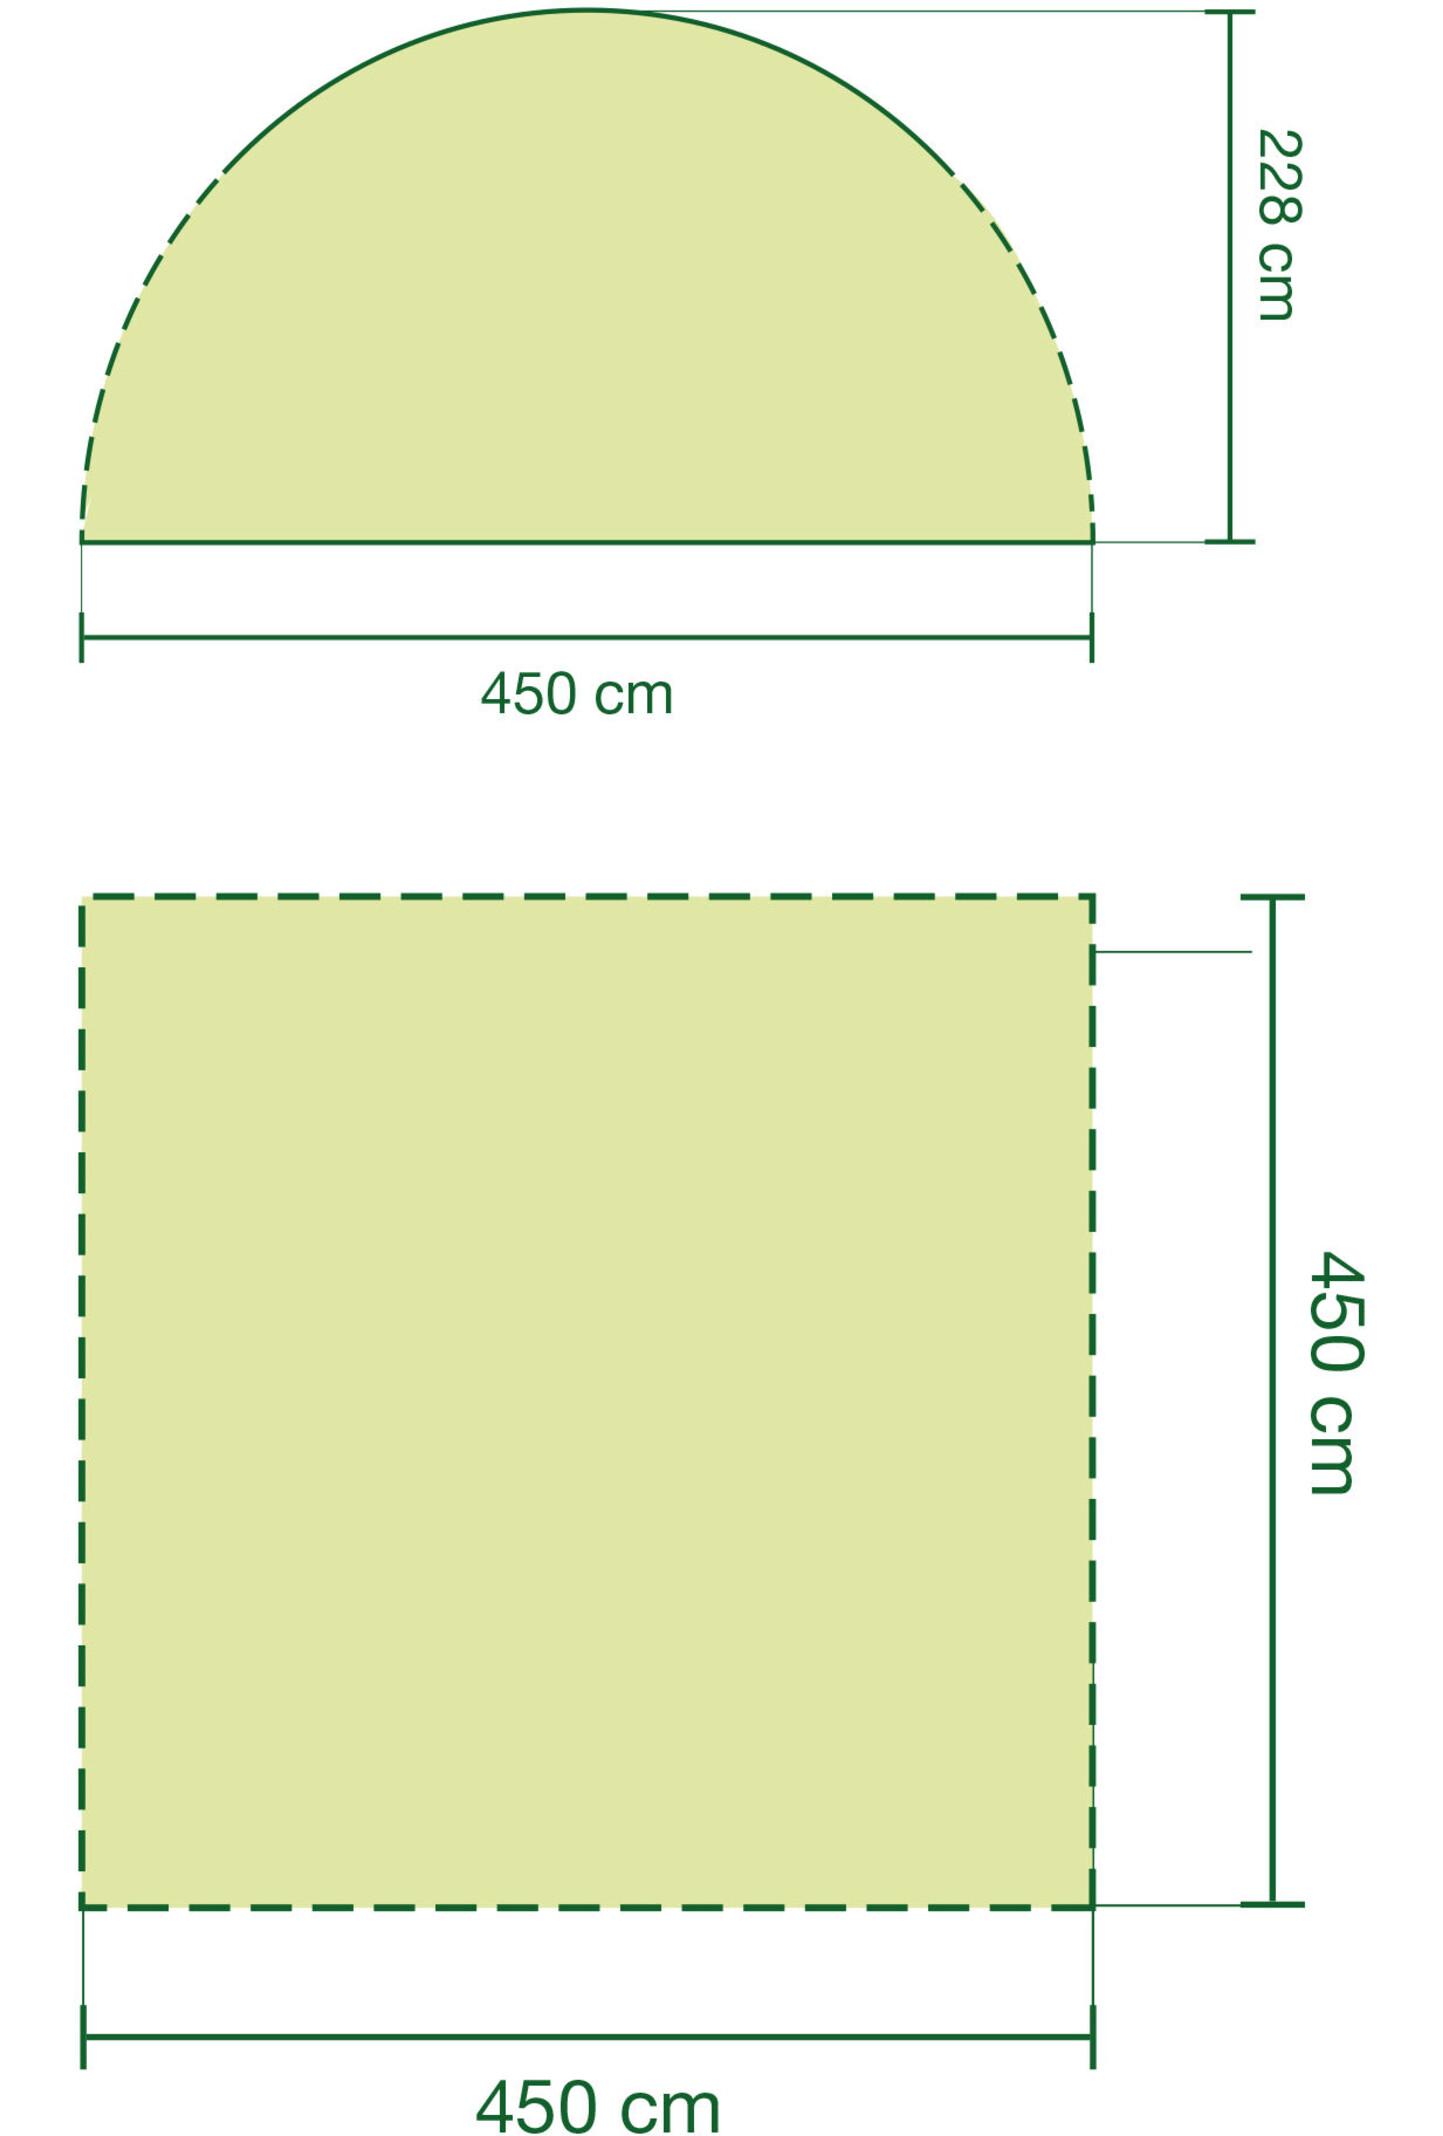 coleman event shelter 4 5 x 4 5. Black Bedroom Furniture Sets. Home Design Ideas